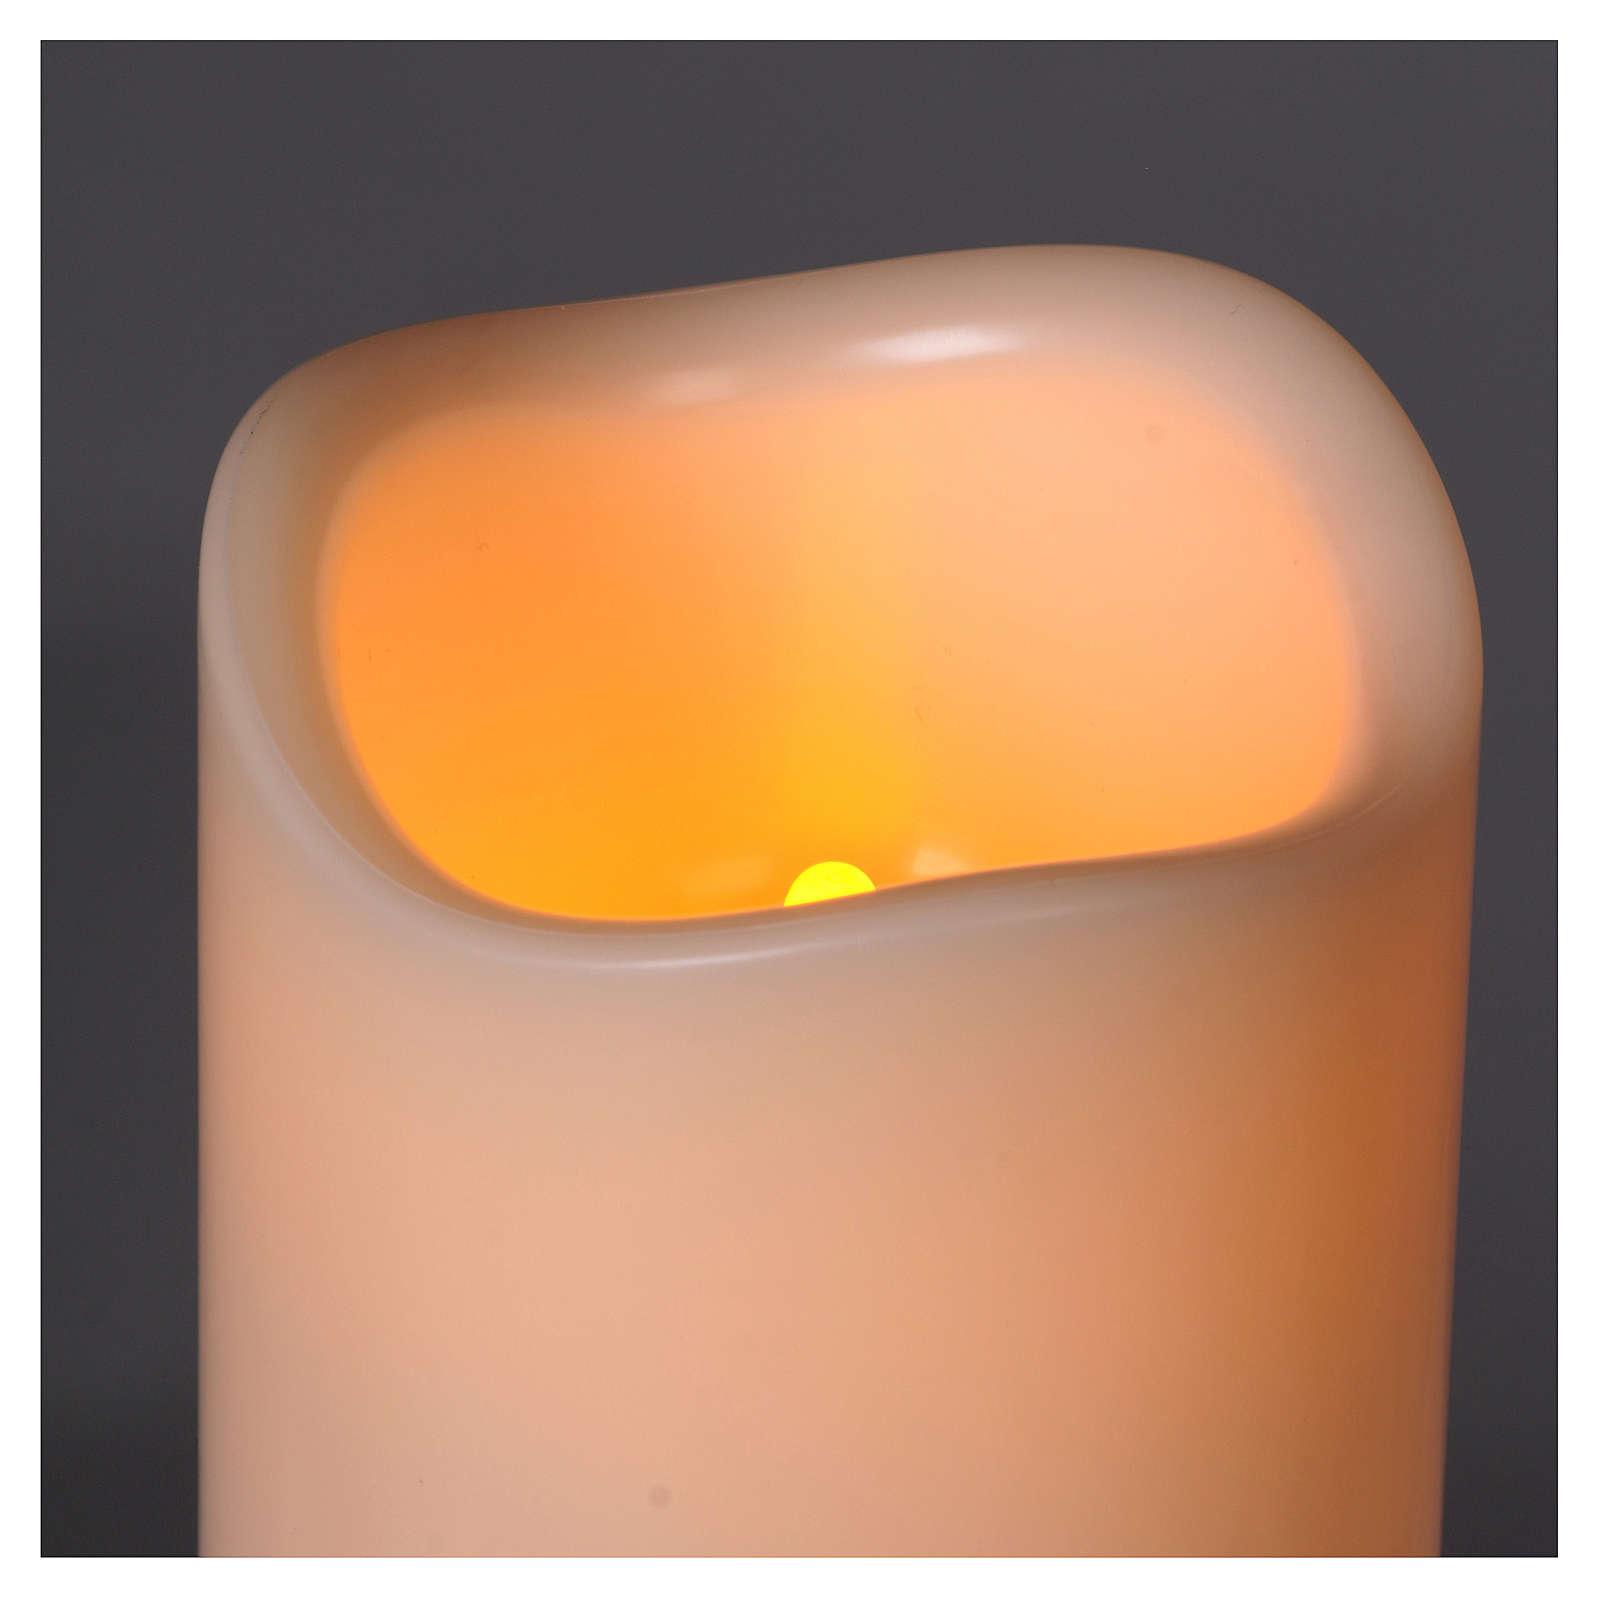 Candela modello moccolo resina led a pila 3